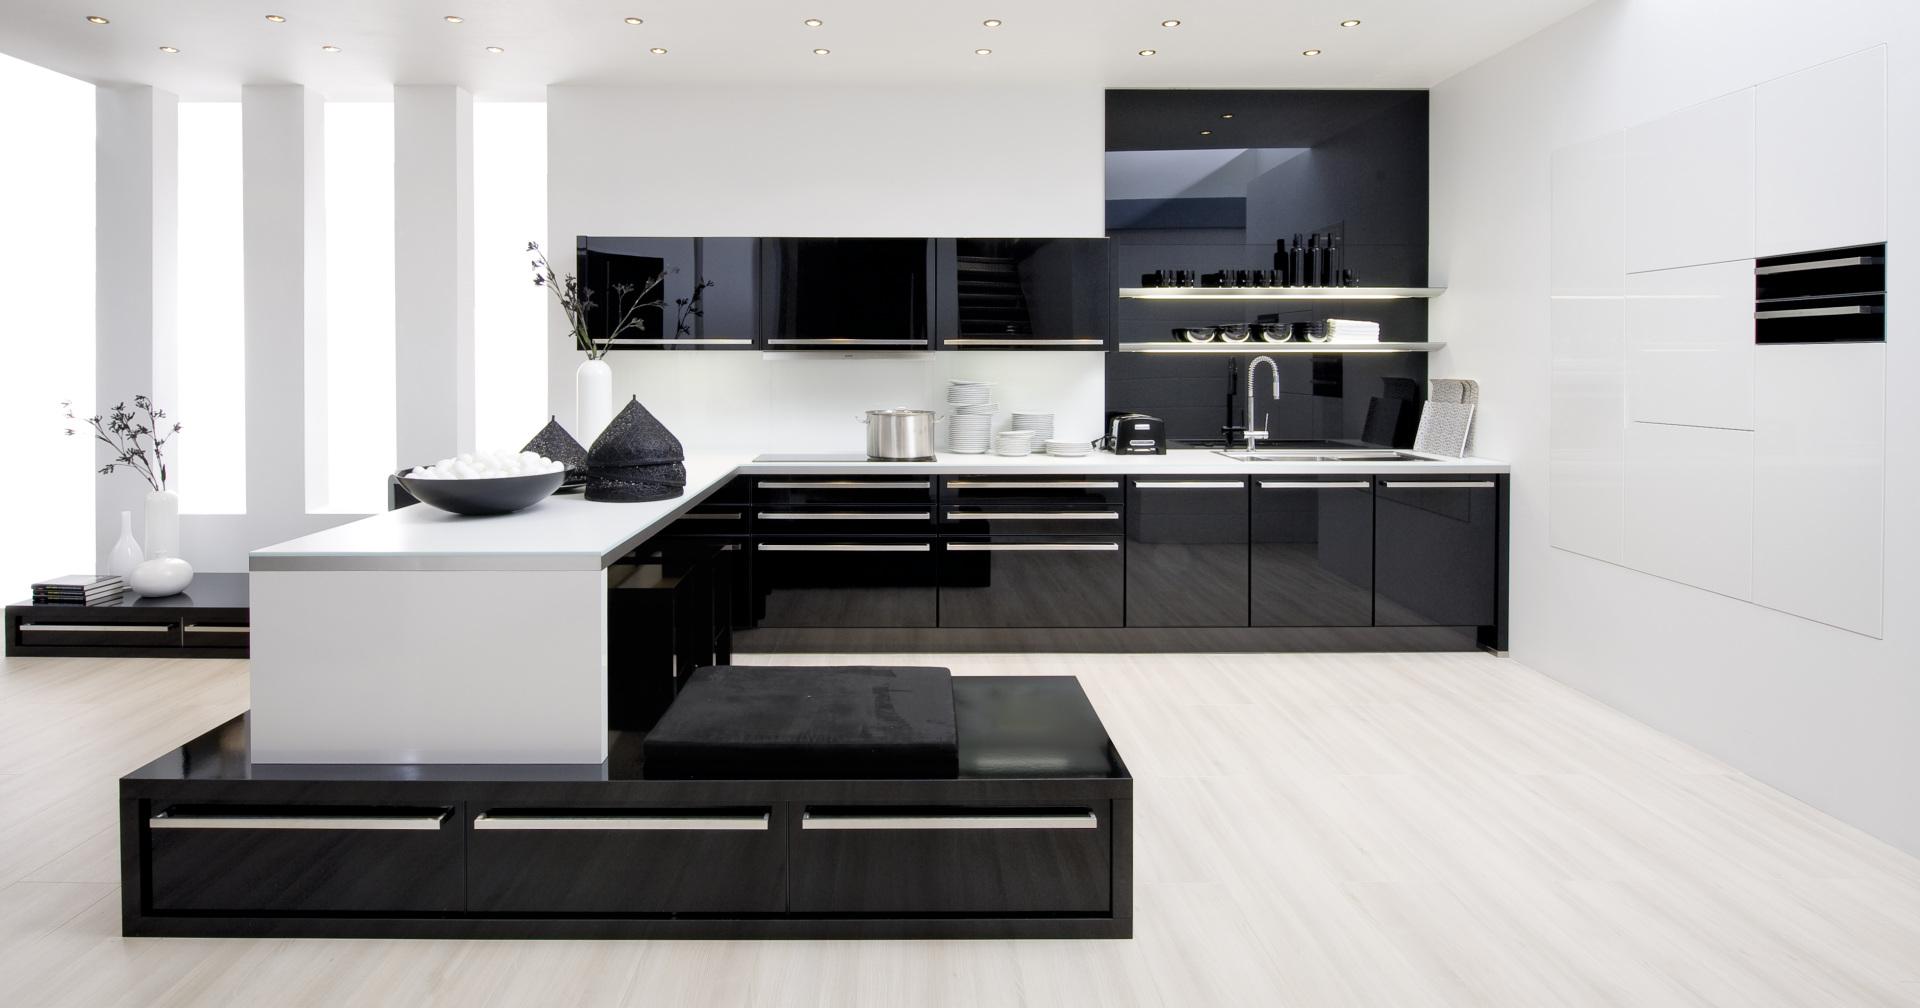 czarna kuchnia ze szklanymi frontami nolte kuchen glas tec plus